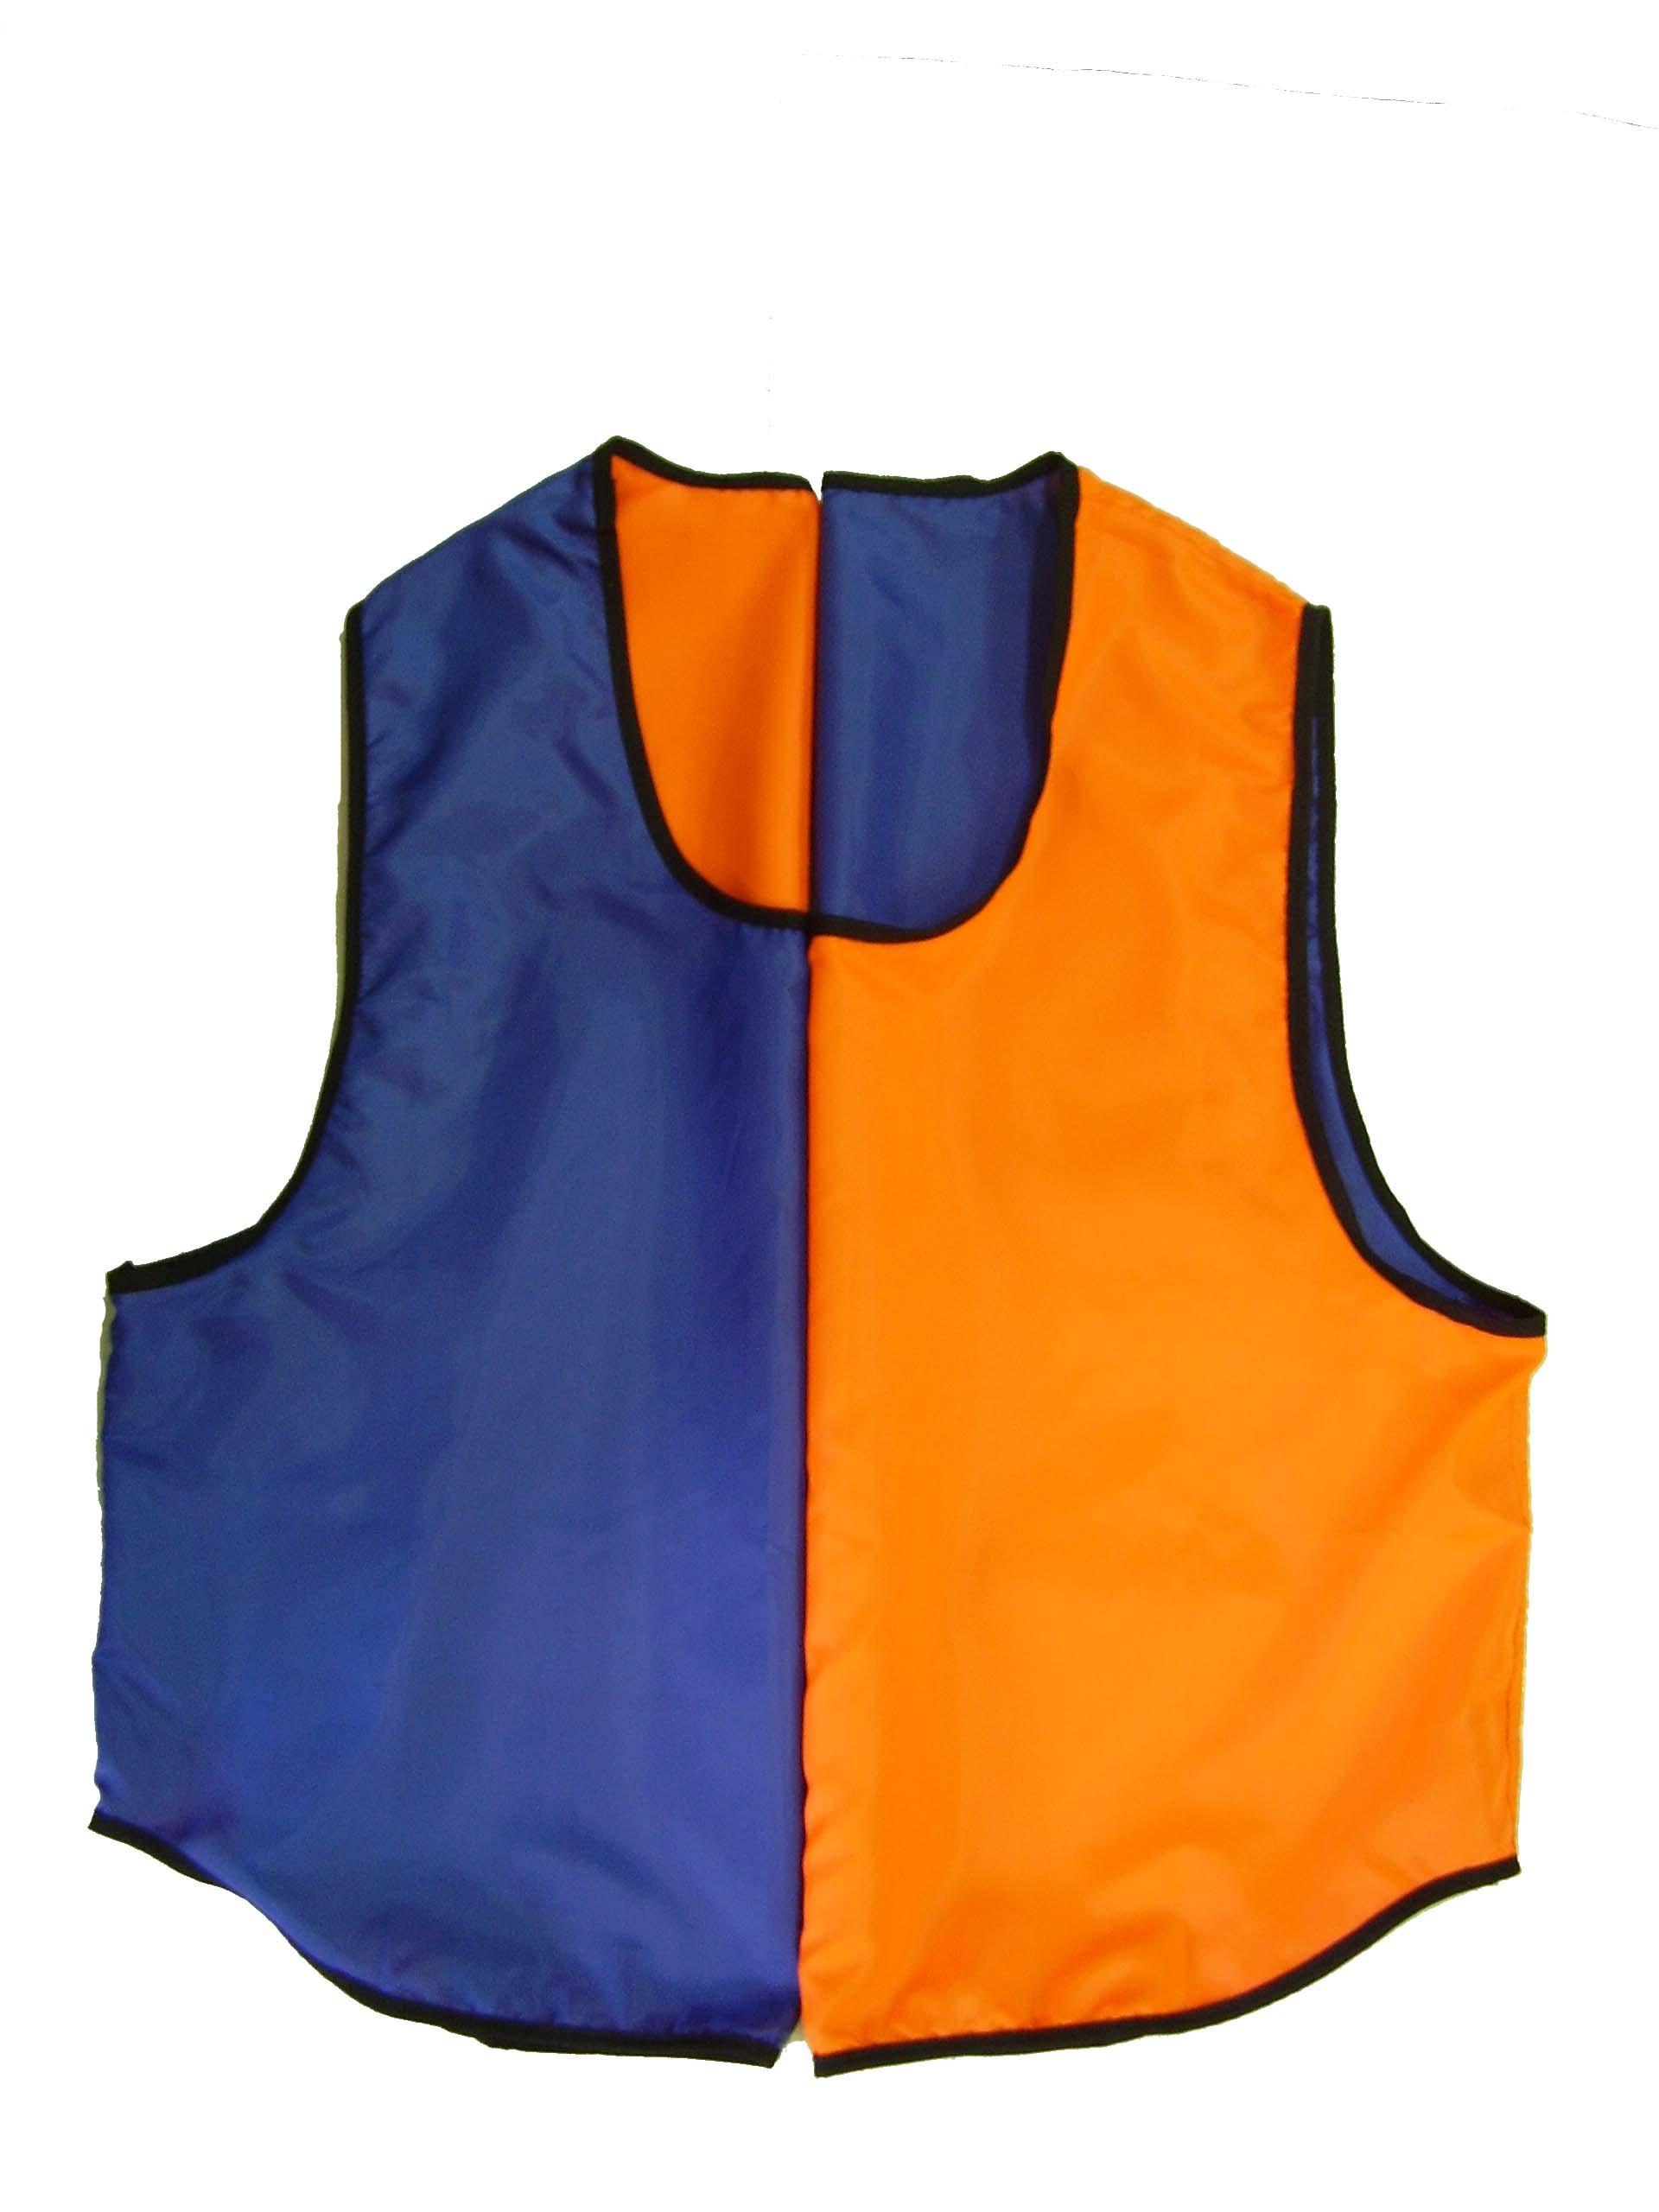 Манишка тренировочная двухсторонняя МТ-2 о-с /оранж-синяя/